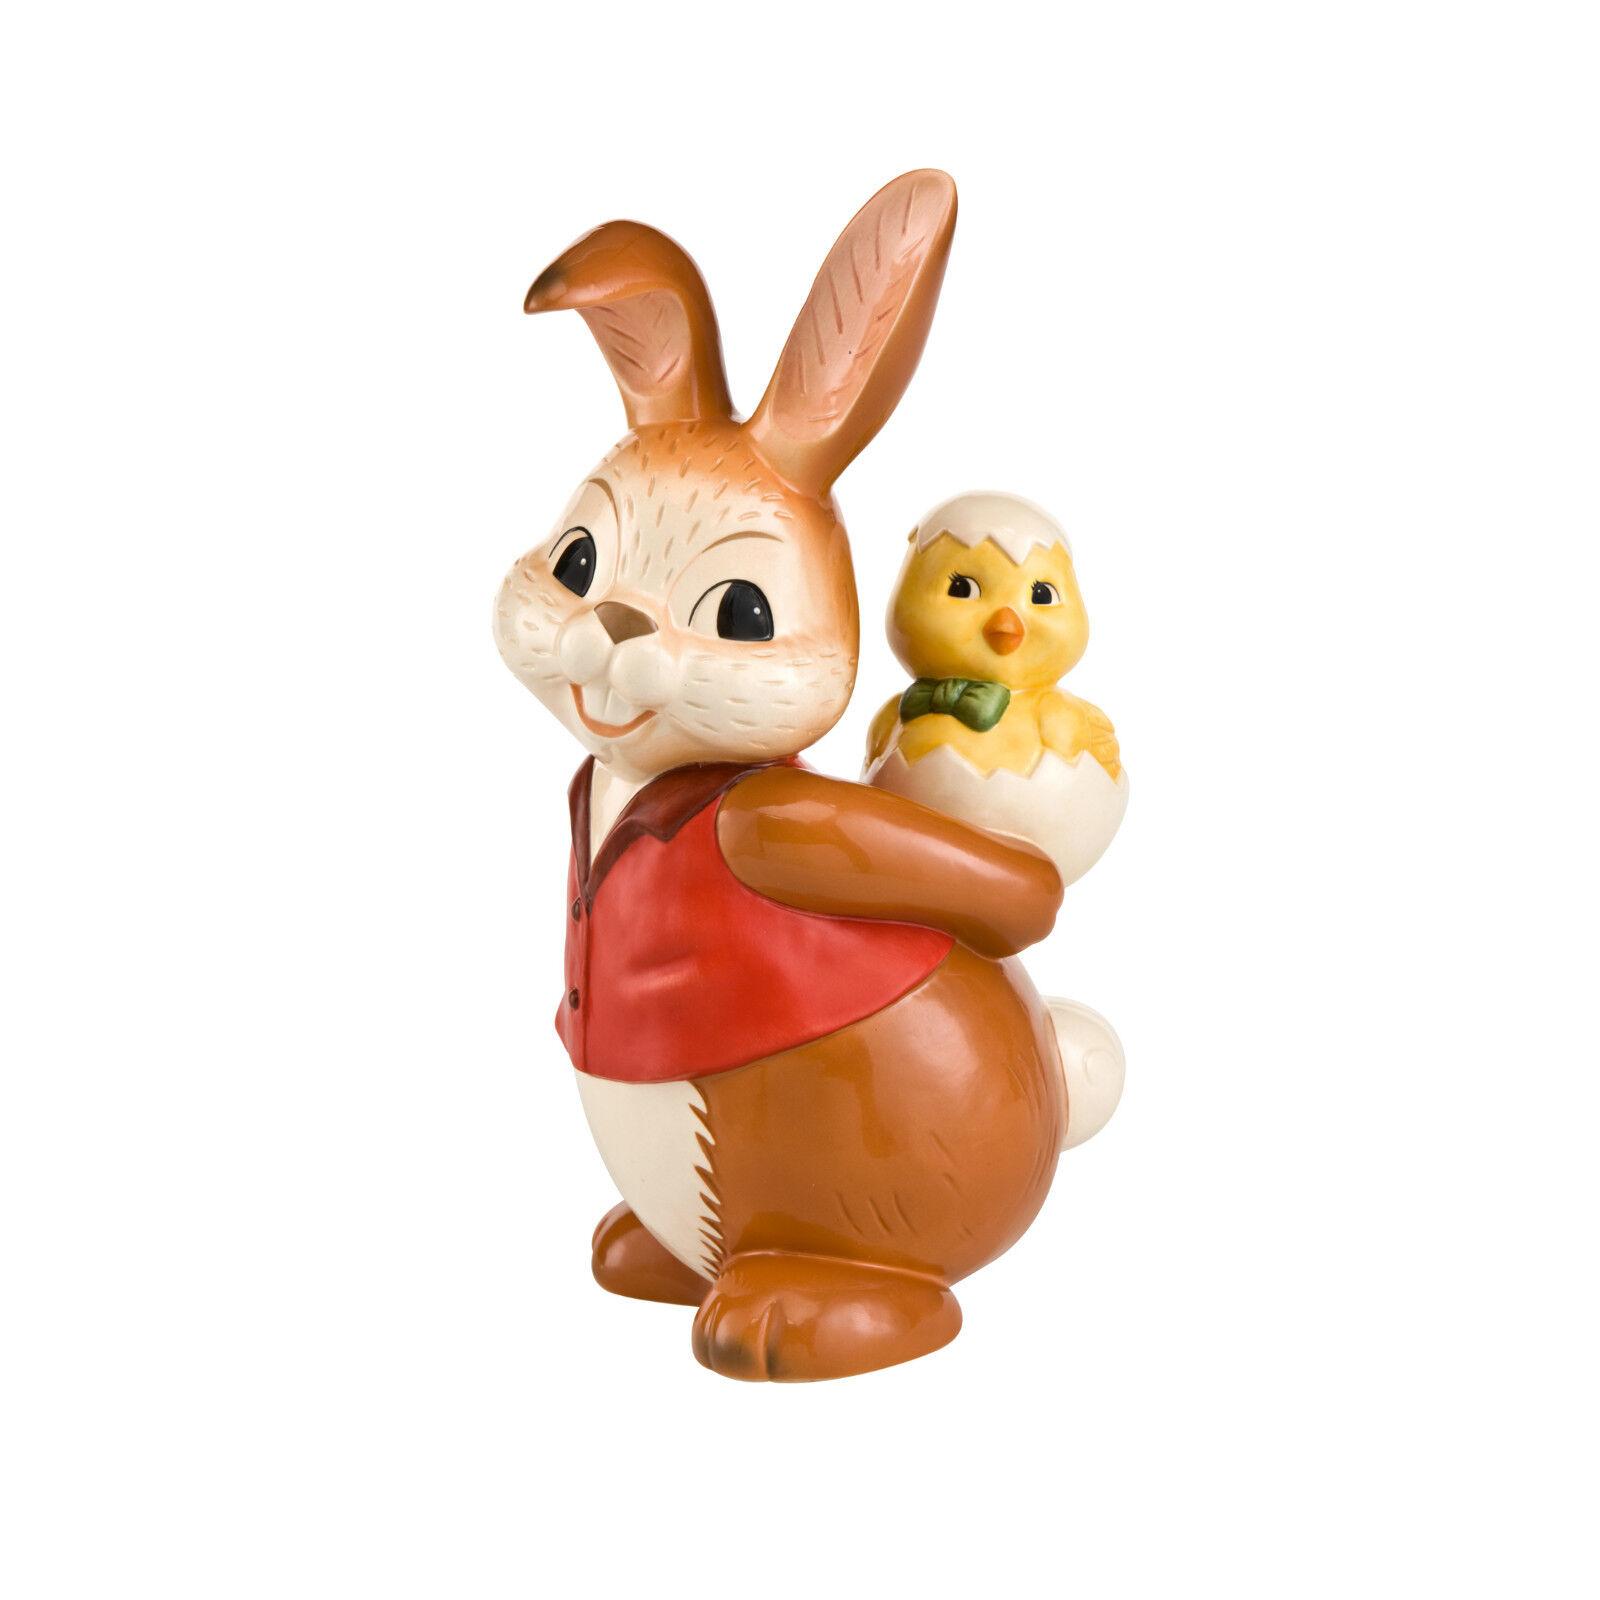 Goebel a cuestas grandes top conejo Pascua goebelhase conejo de pascua nuevo